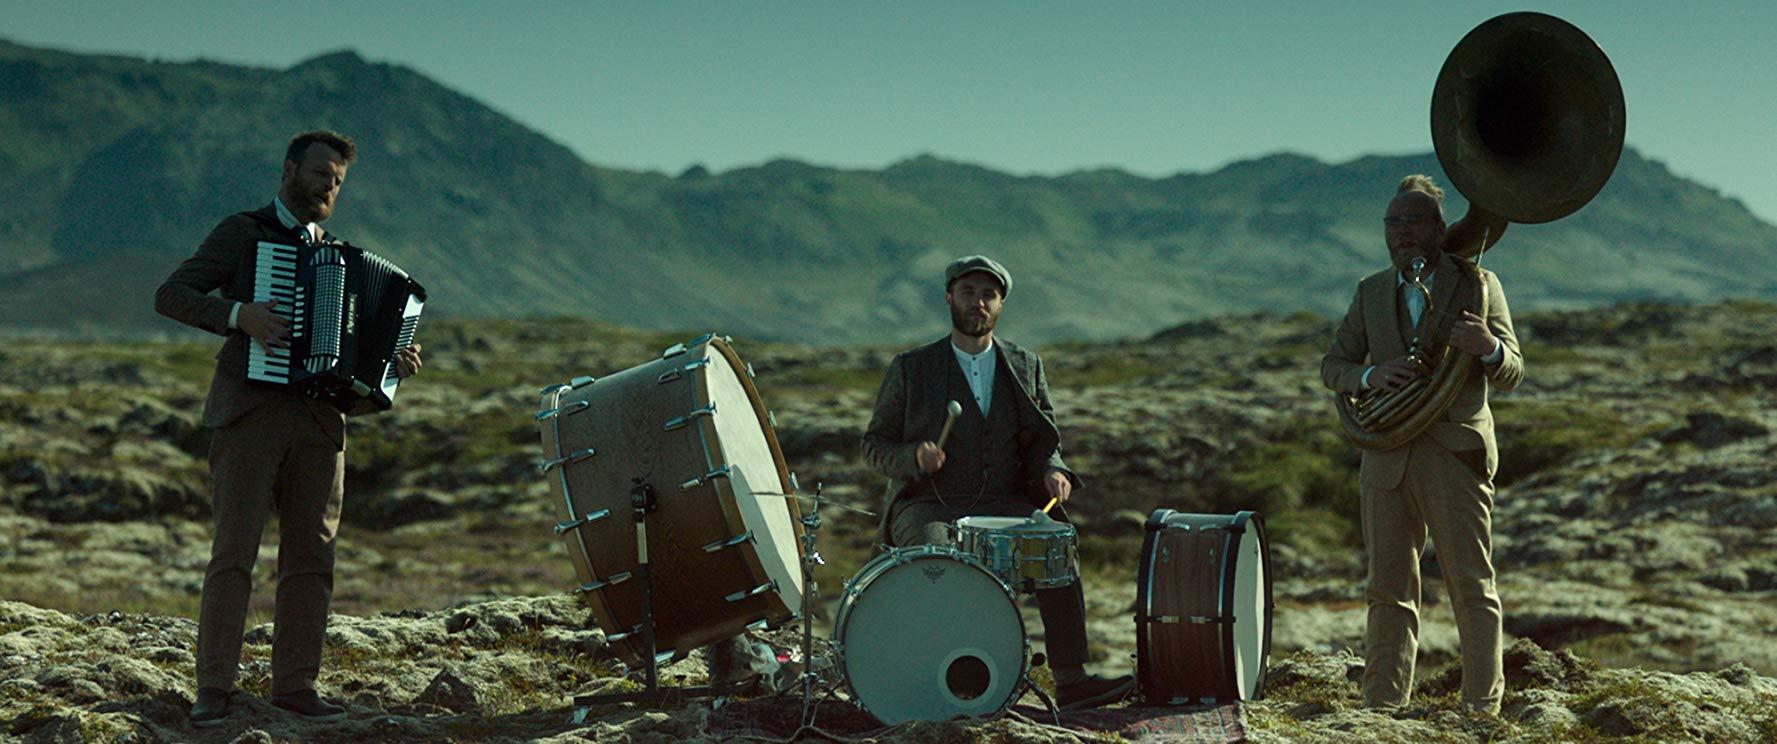 Україно-ісландський фільм отримав премію Європарламенту